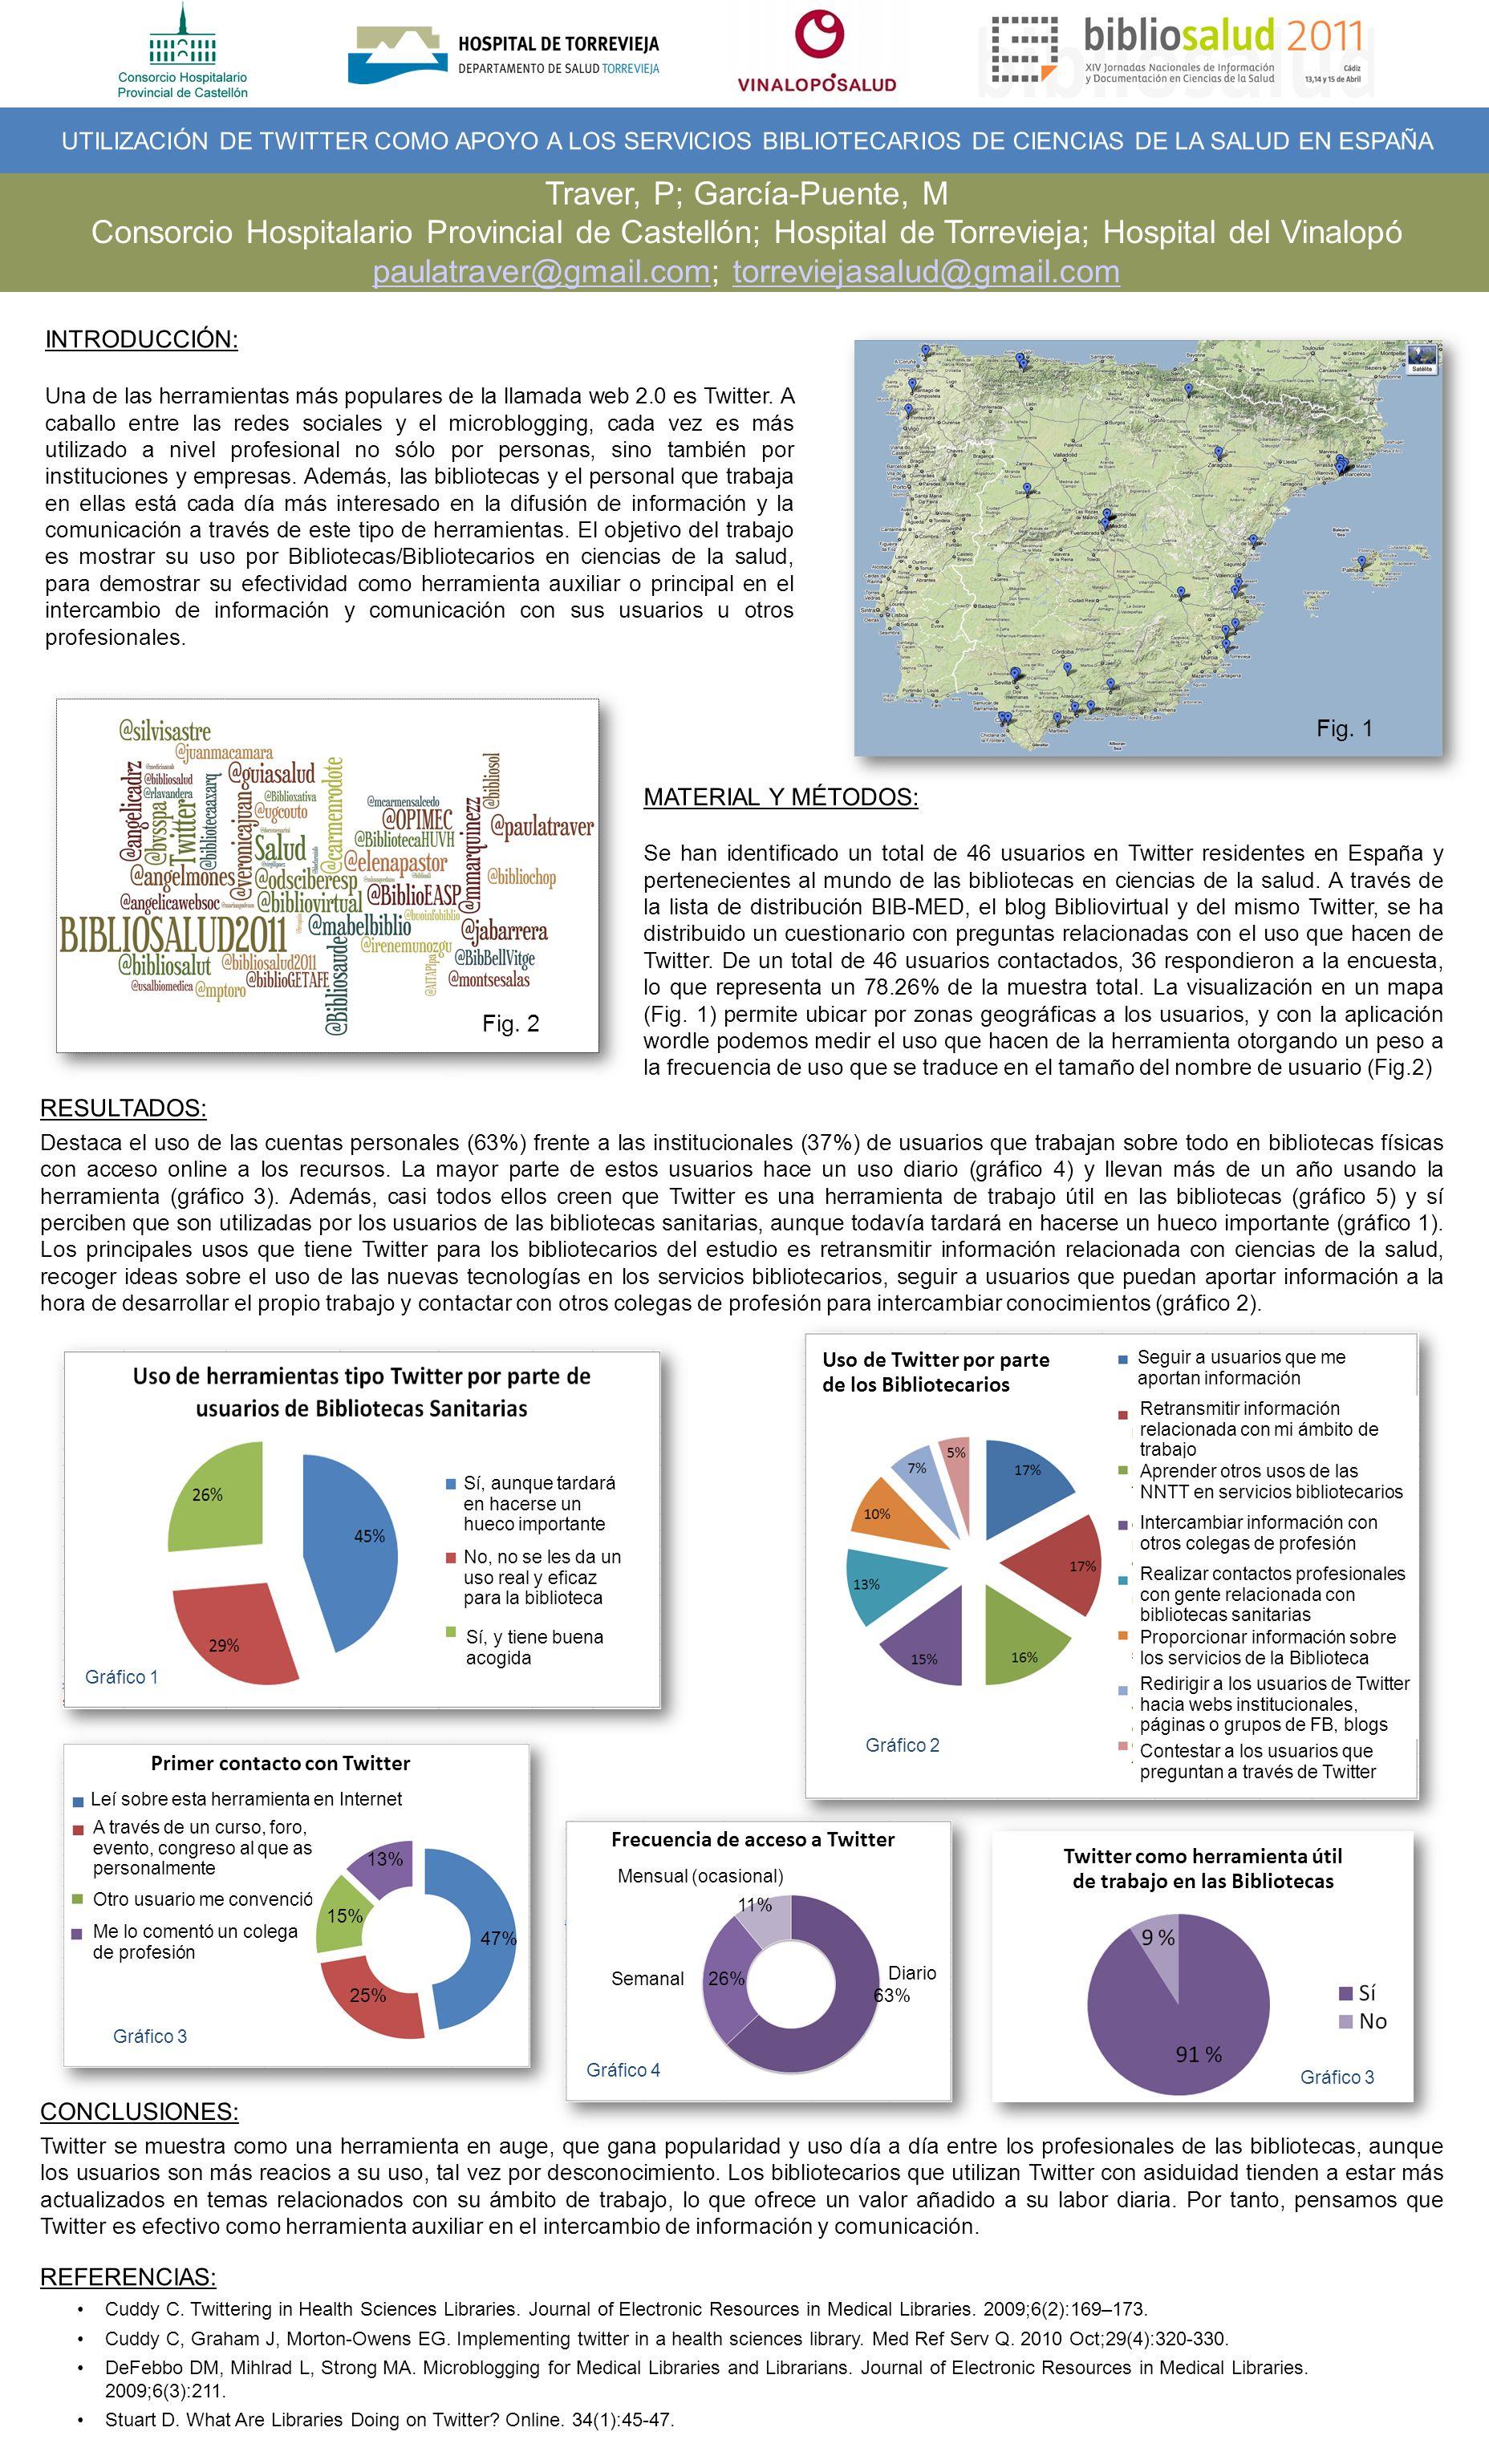 Traver, P; García-Puente, M Consorcio Hospitalario Provincial de Castellón; Hospital de Torrevieja; Hospital del Vinalopó paulatraver@gmail.compaulatraver@gmail.com; torreviejasalud@gmail.comtorreviejasalud@gmail.com UTILIZACIÓN DE TWITTER COMO APOYO A LOS SERVICIOS BIBLIOTECARIOS DE CIENCIAS DE LA SALUD EN ESPAÑA INTRODUCCIÓN: Una de las herramientas más populares de la llamada web 2.0 es Twitter.